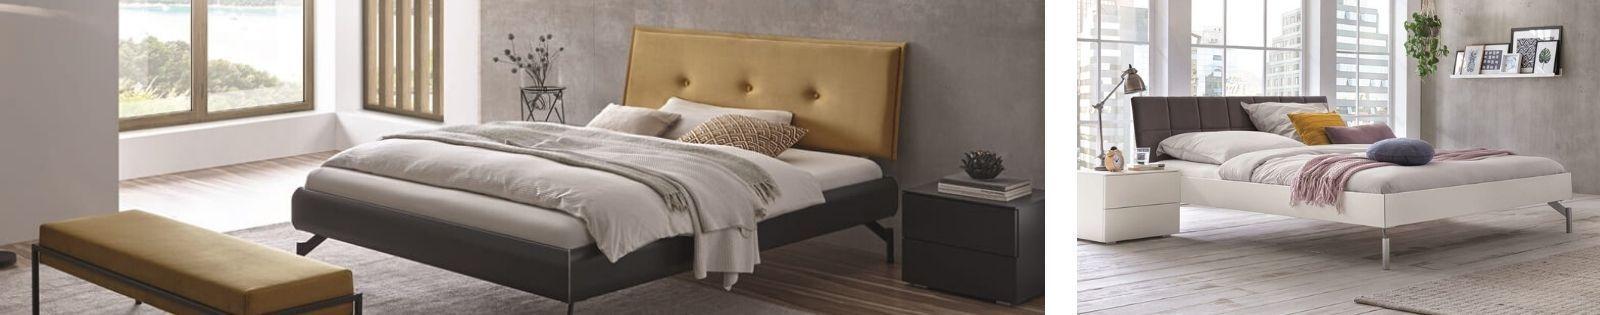 lits design contemporains meubles